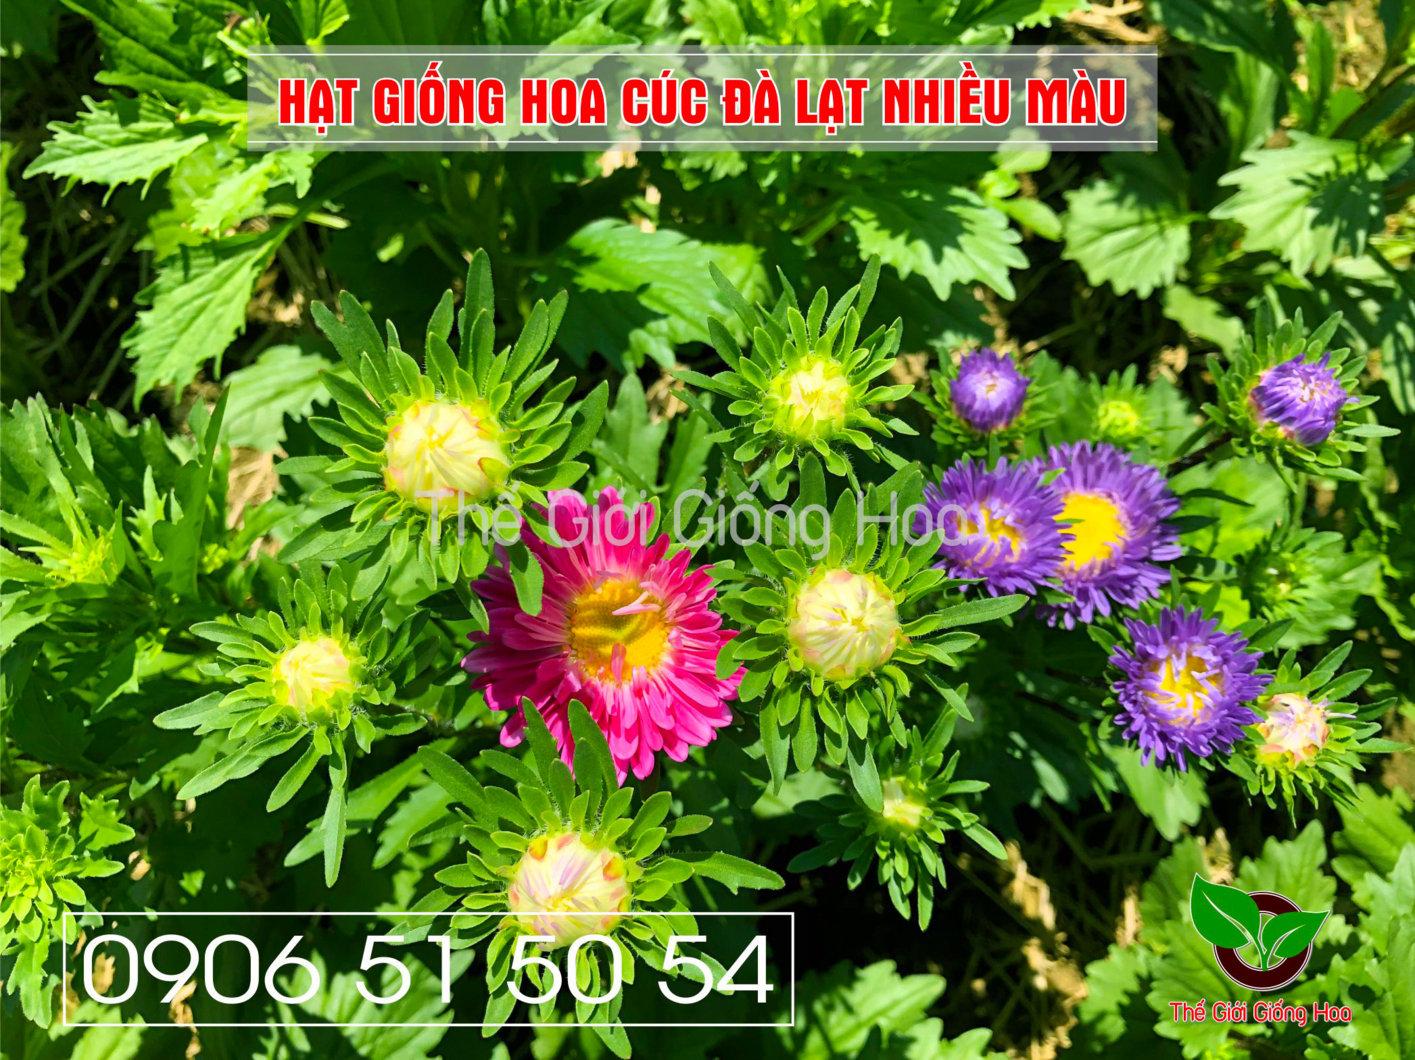 cuc-dalat-nhieu-mau-10-jpg.48696